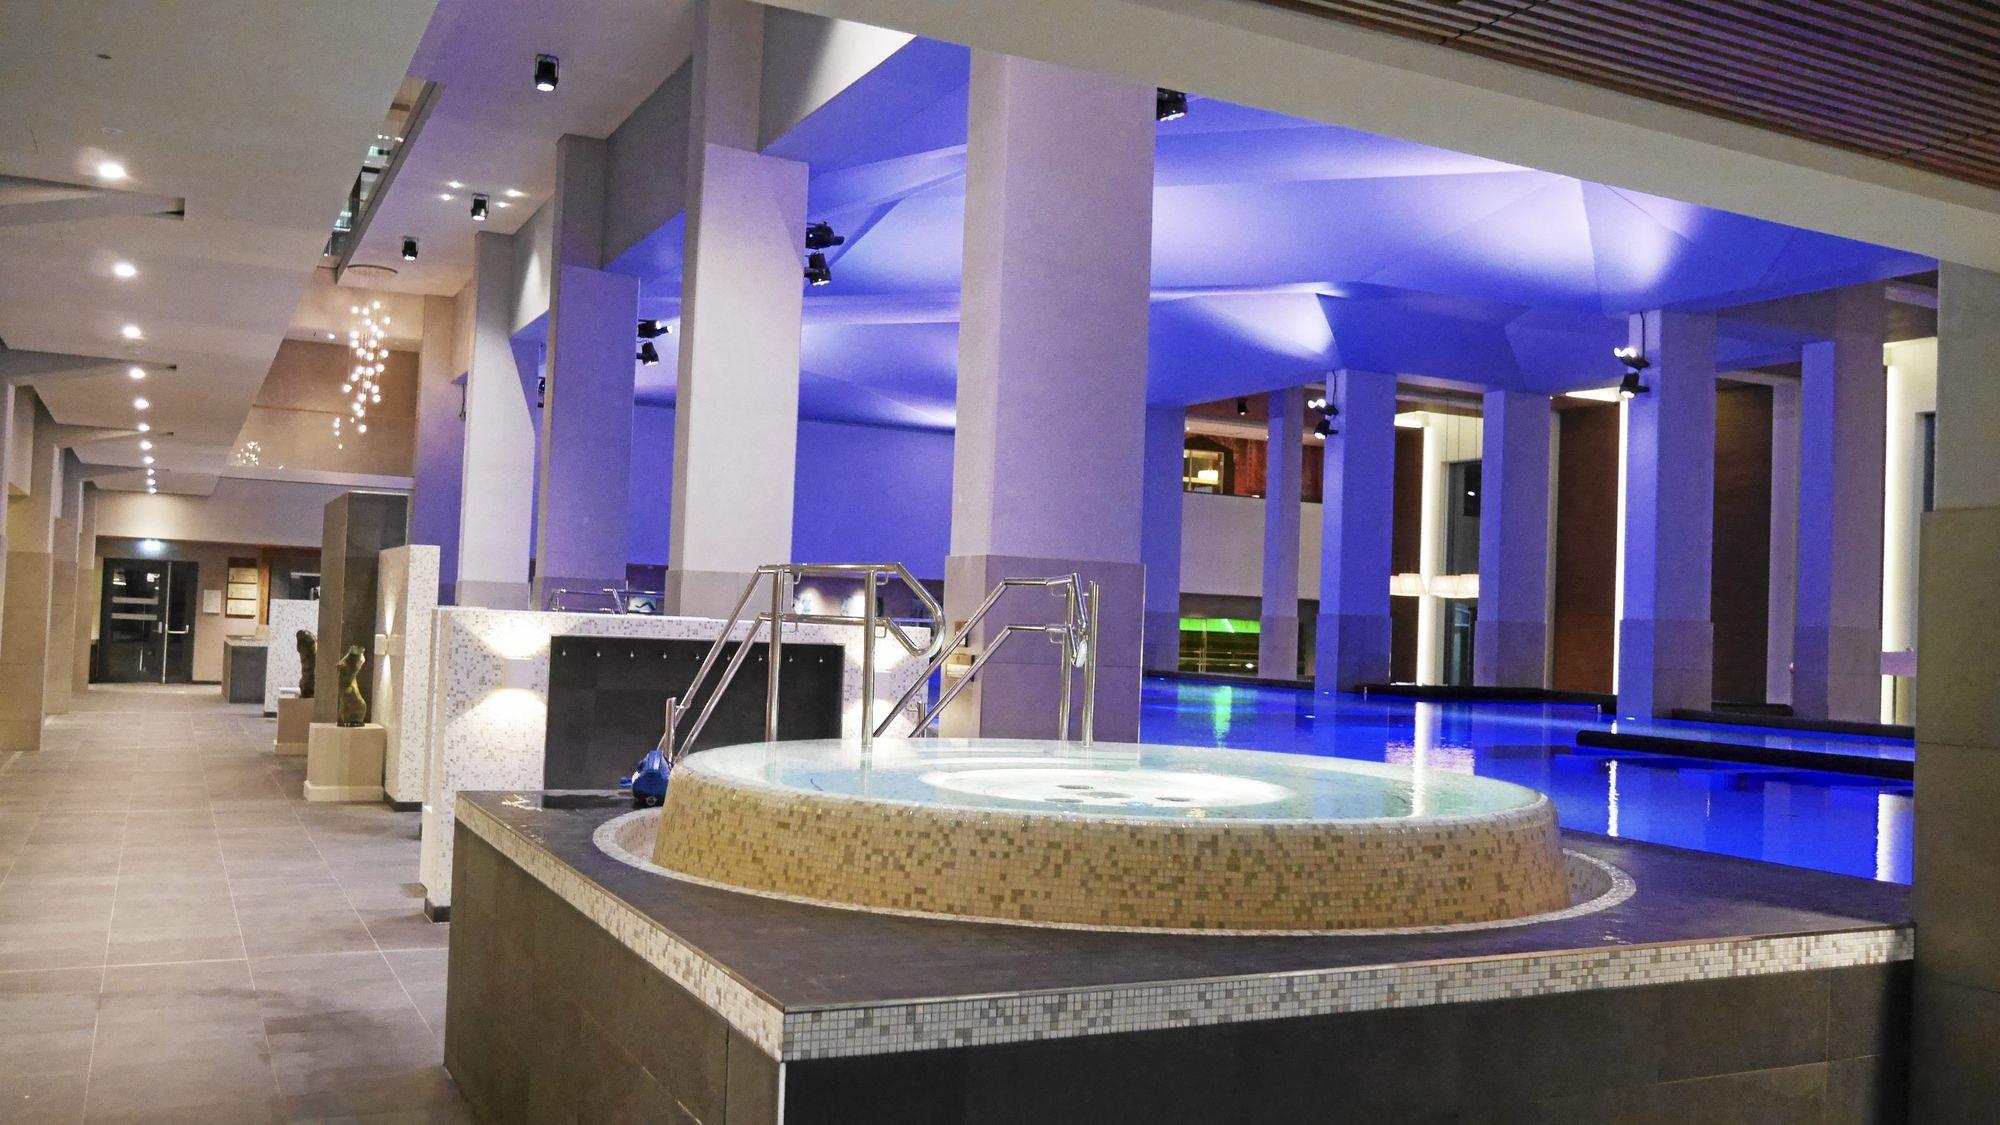 LUKSURIØST: Dette er hovedbassenget, eller Wellness-avdelingen inne i The Well.